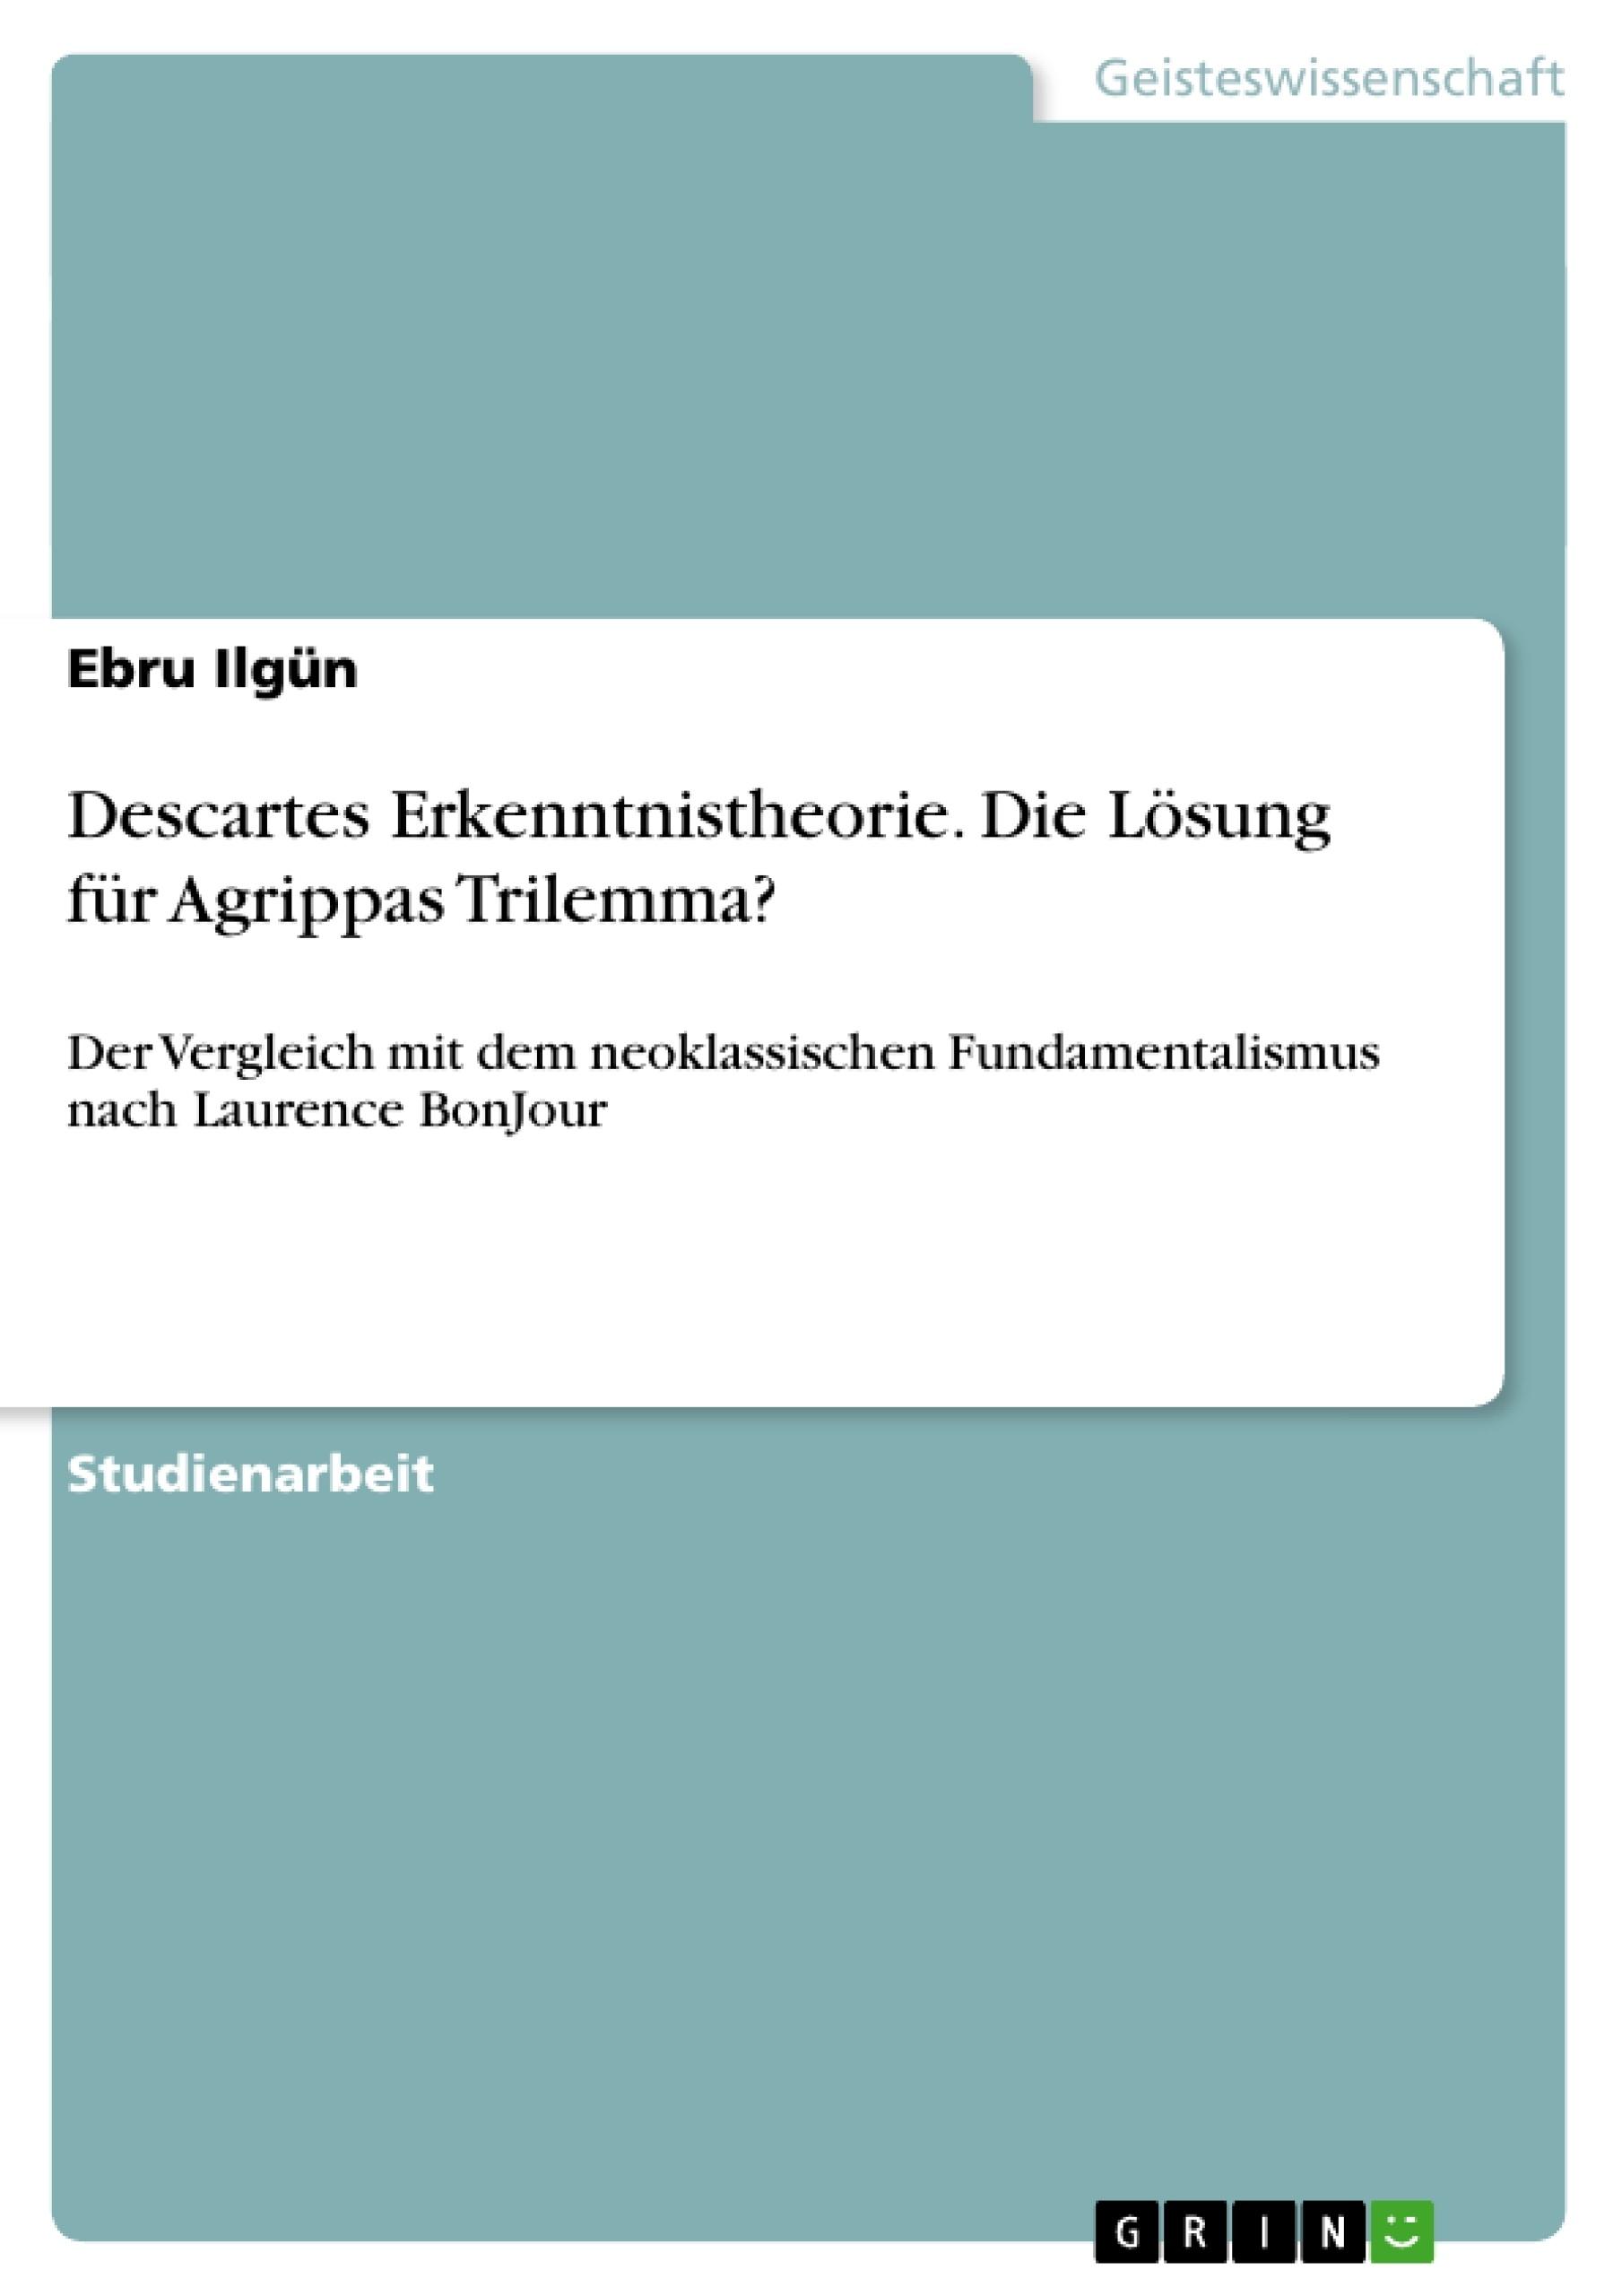 Titel: Descartes Erkenntnistheorie. Die Lösung für  Agrippas Trilemma?